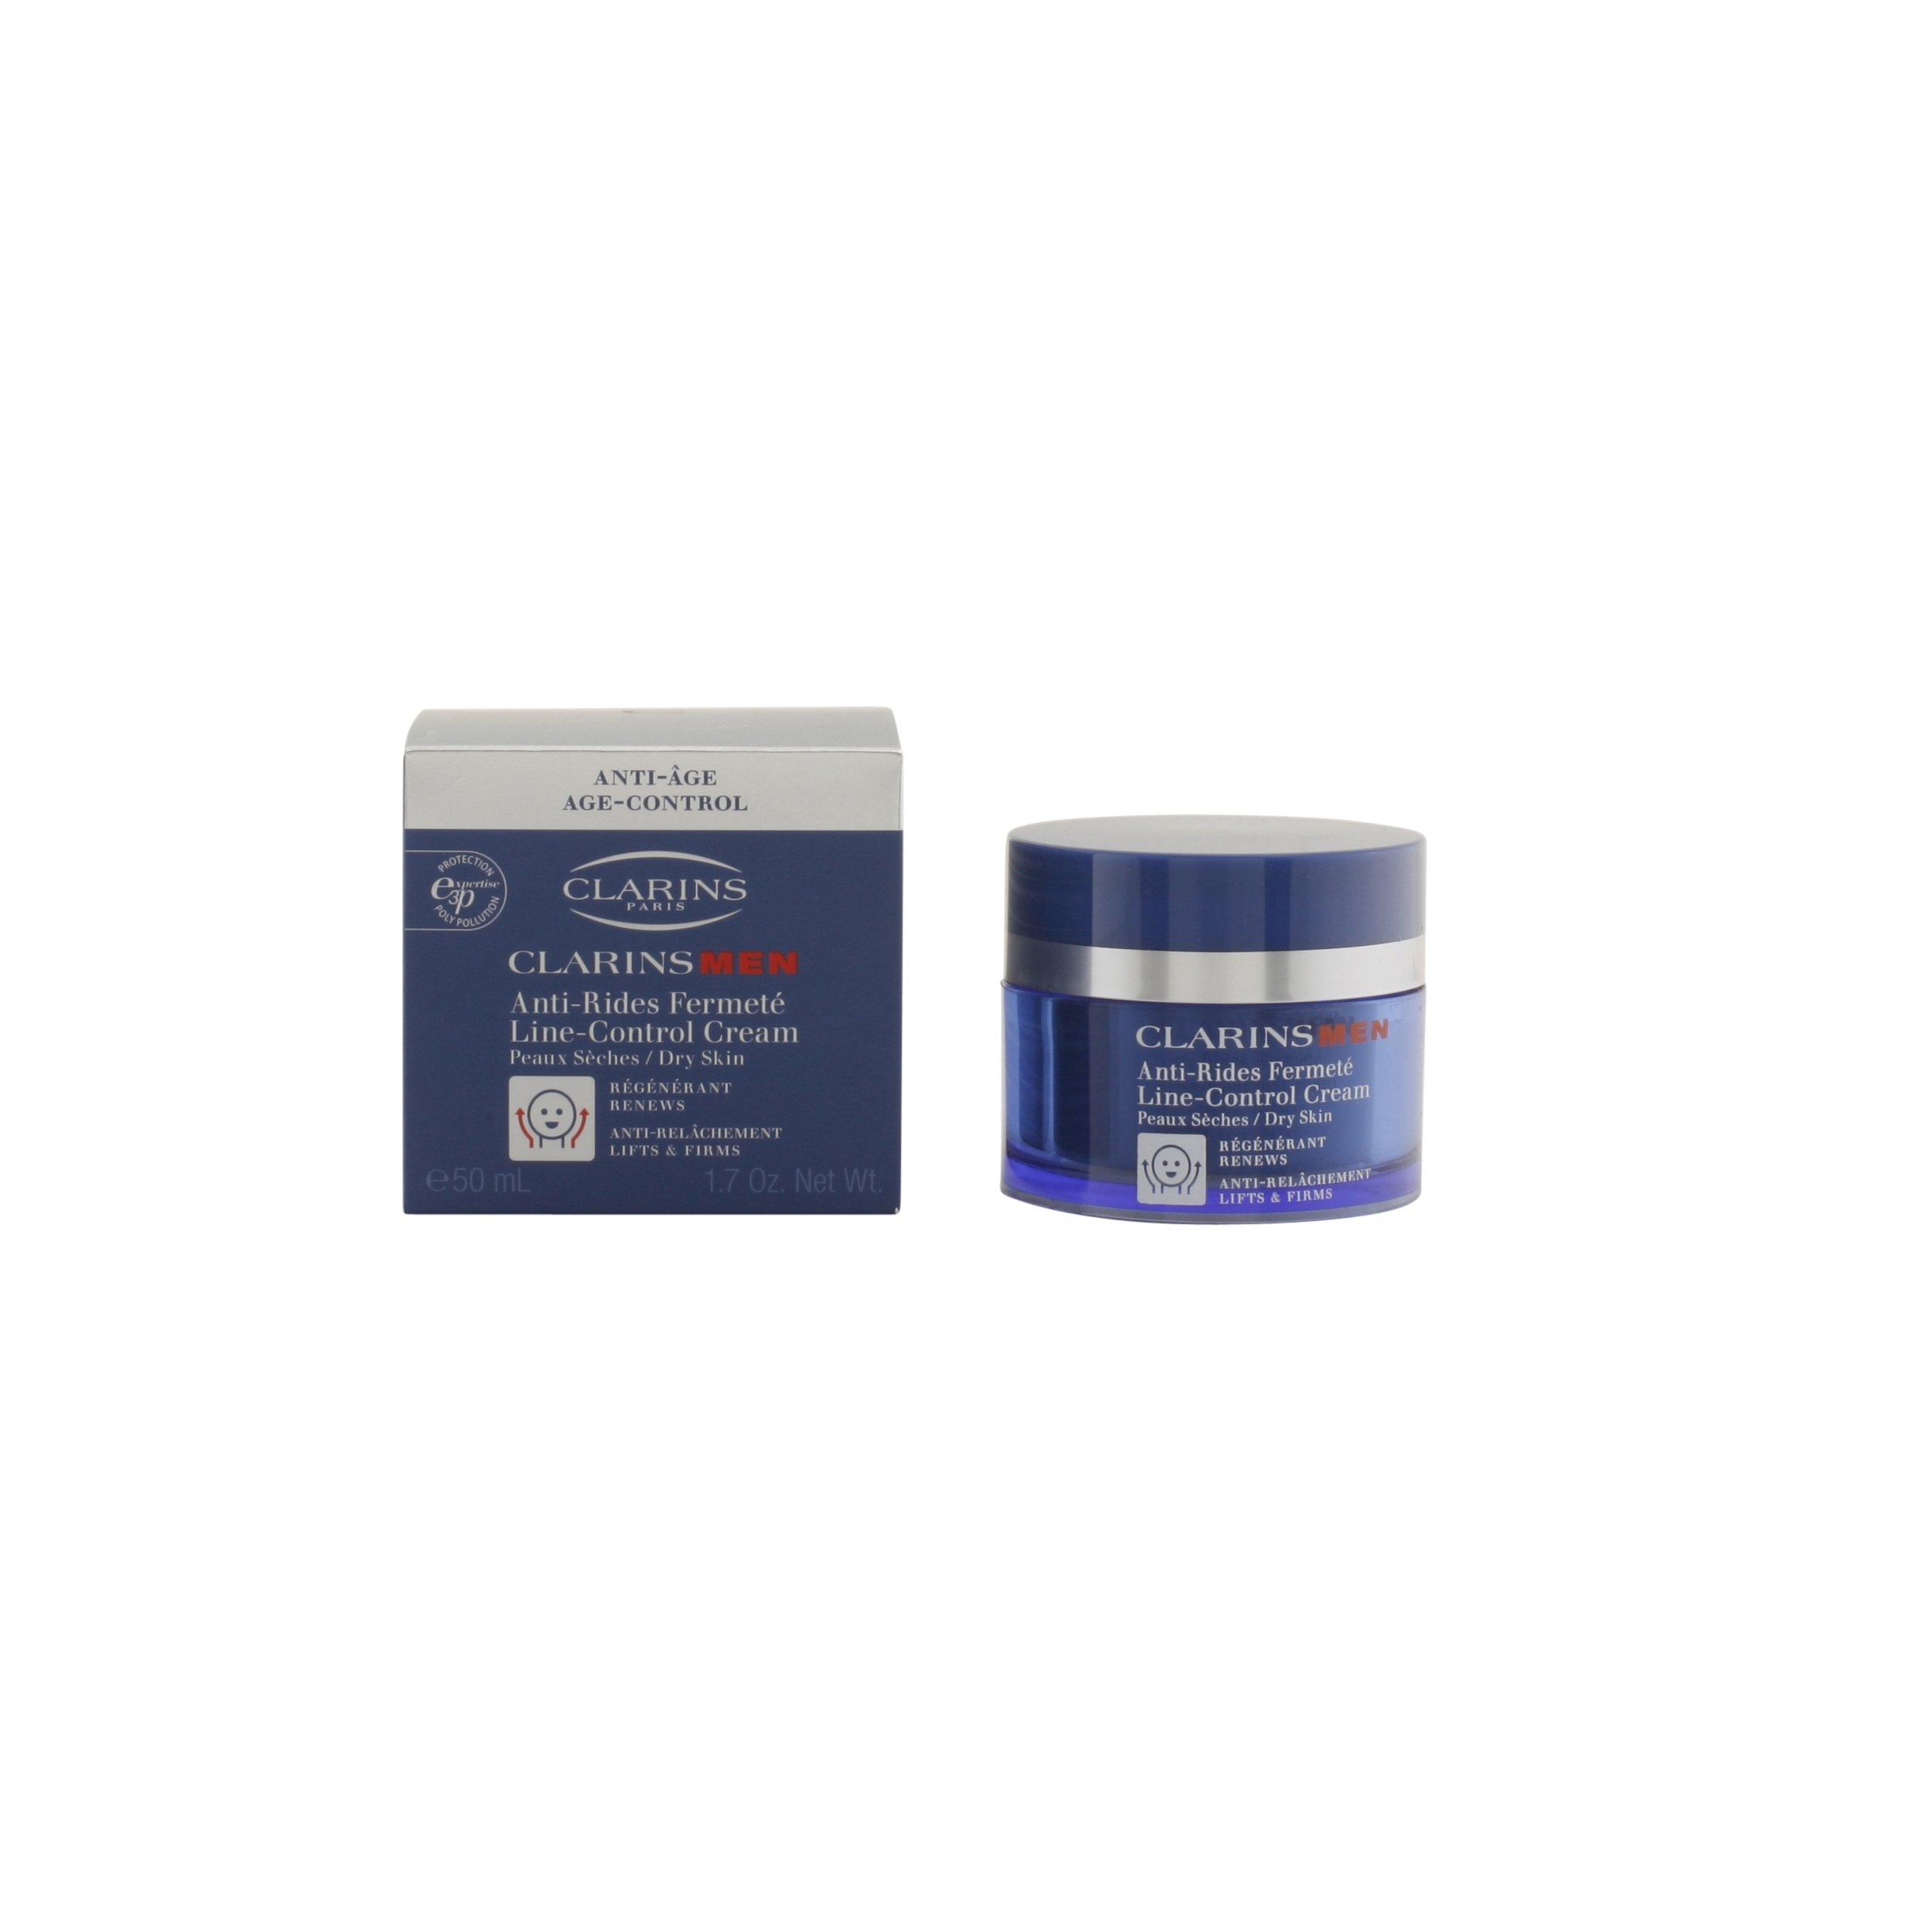 Clarins Men – Line-Control Cream – Crema antiarrugas y firmeza para pieles secas – 50 ml